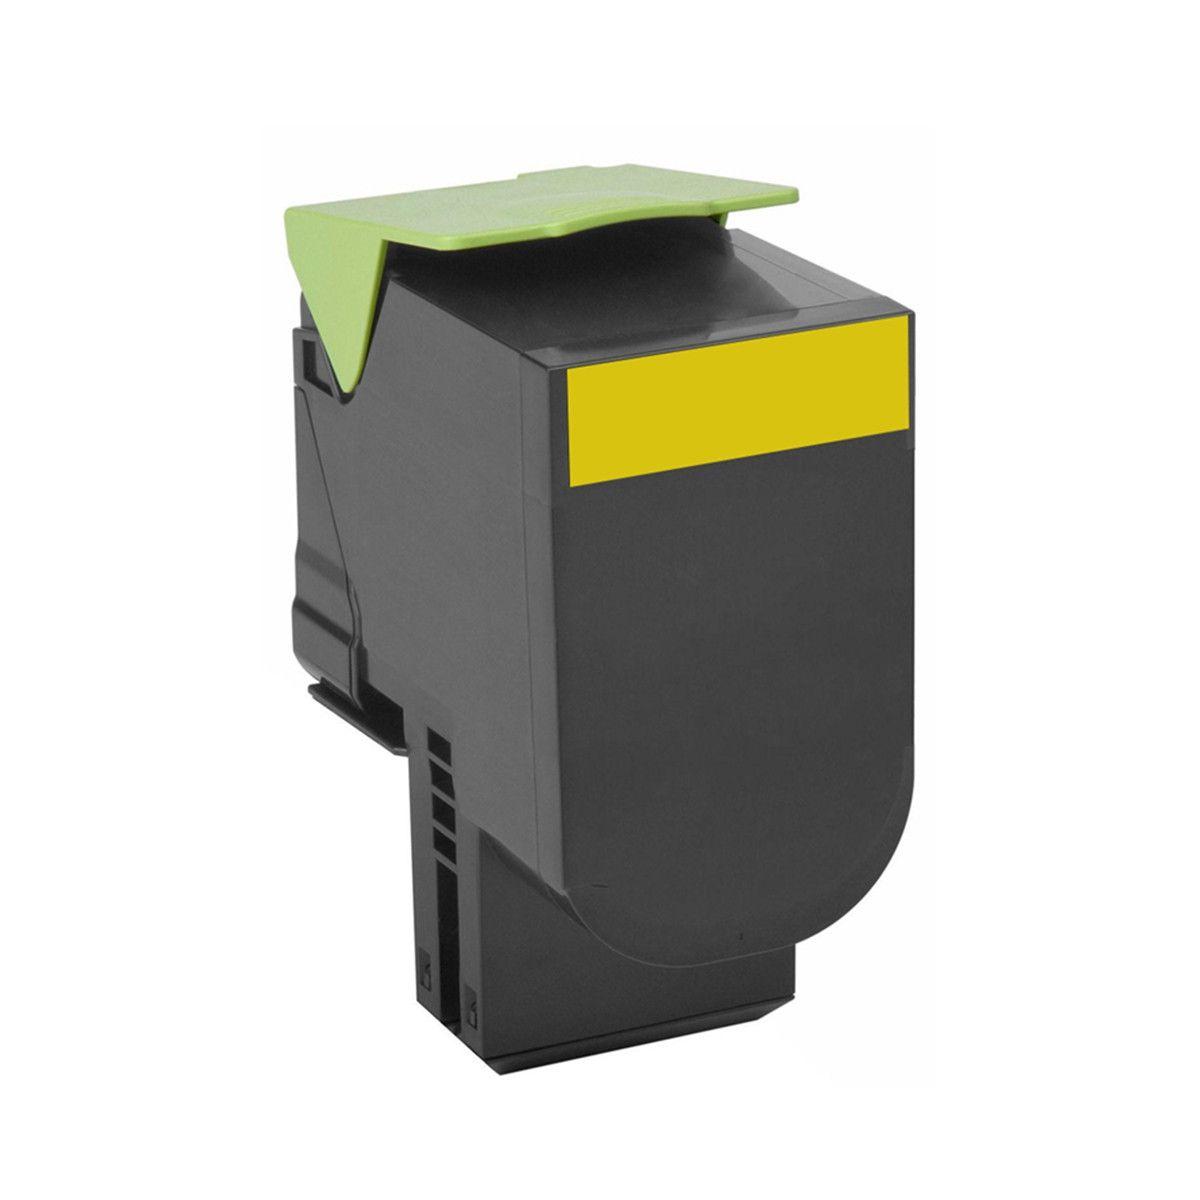 Toner compatível Lexmark [71B4HY0] Yellow - impressoras CX417/517DN - 3.500 Páginas - Cartucho & Cia